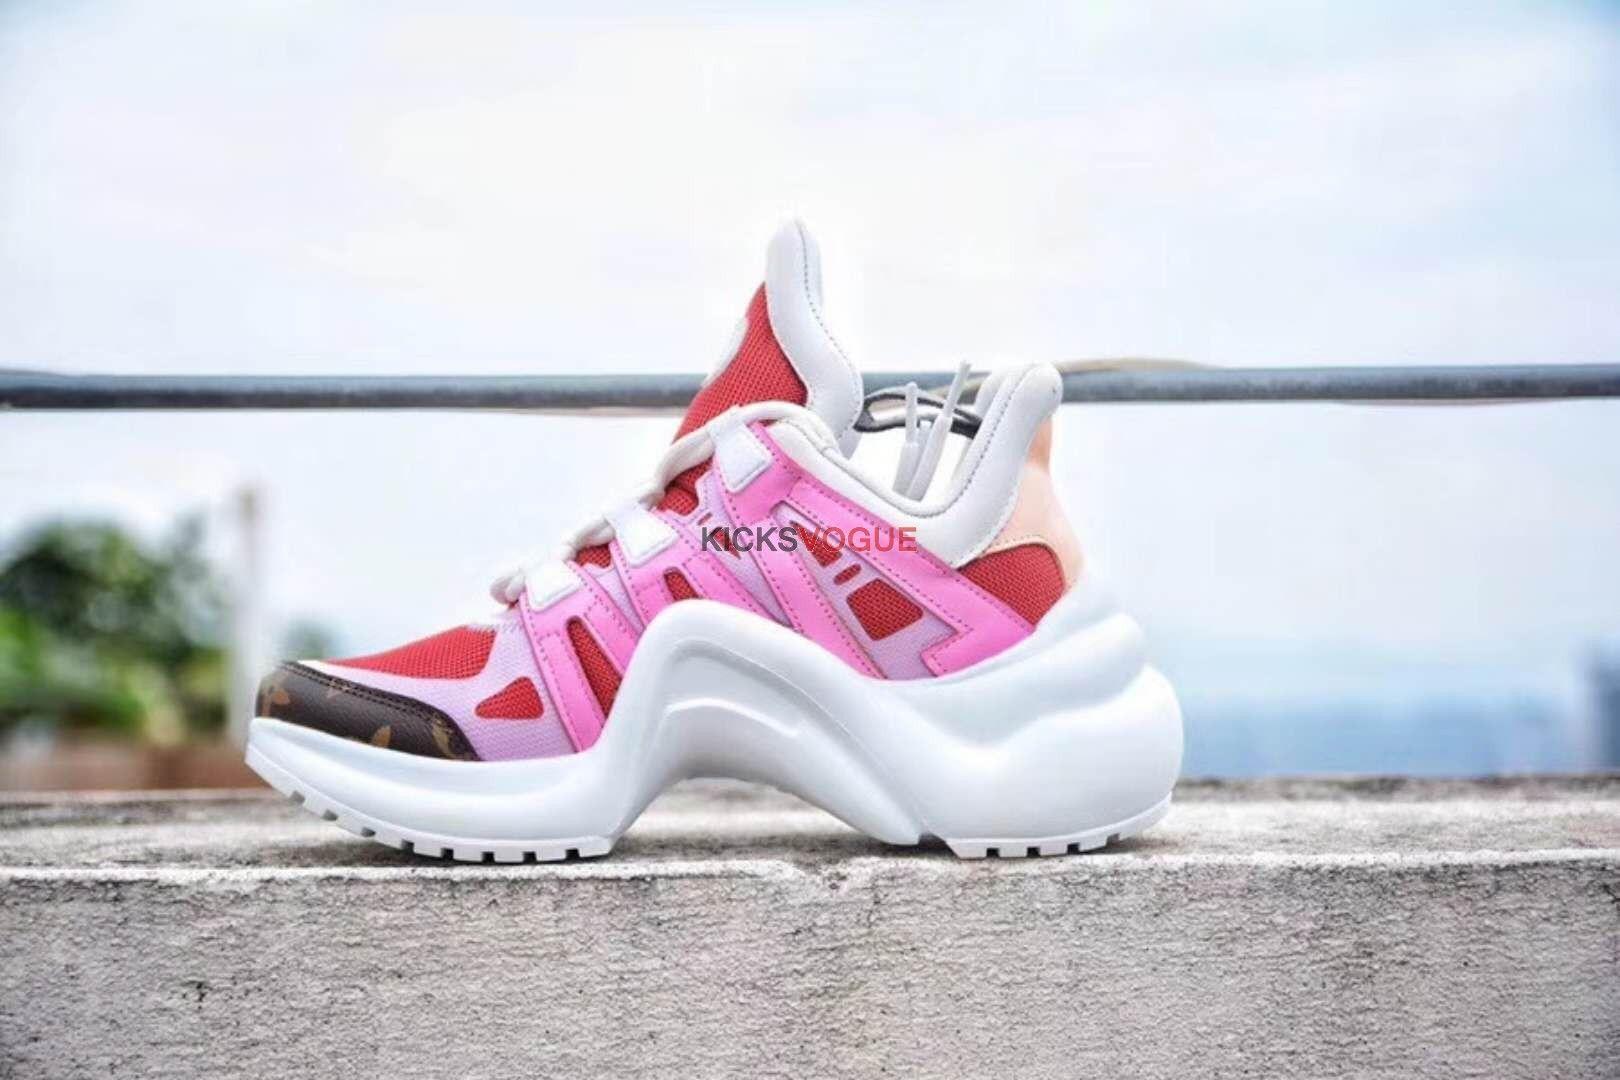 8947a8bbd4d9 Louis Vuitton LV Archlight Sneaker Pink